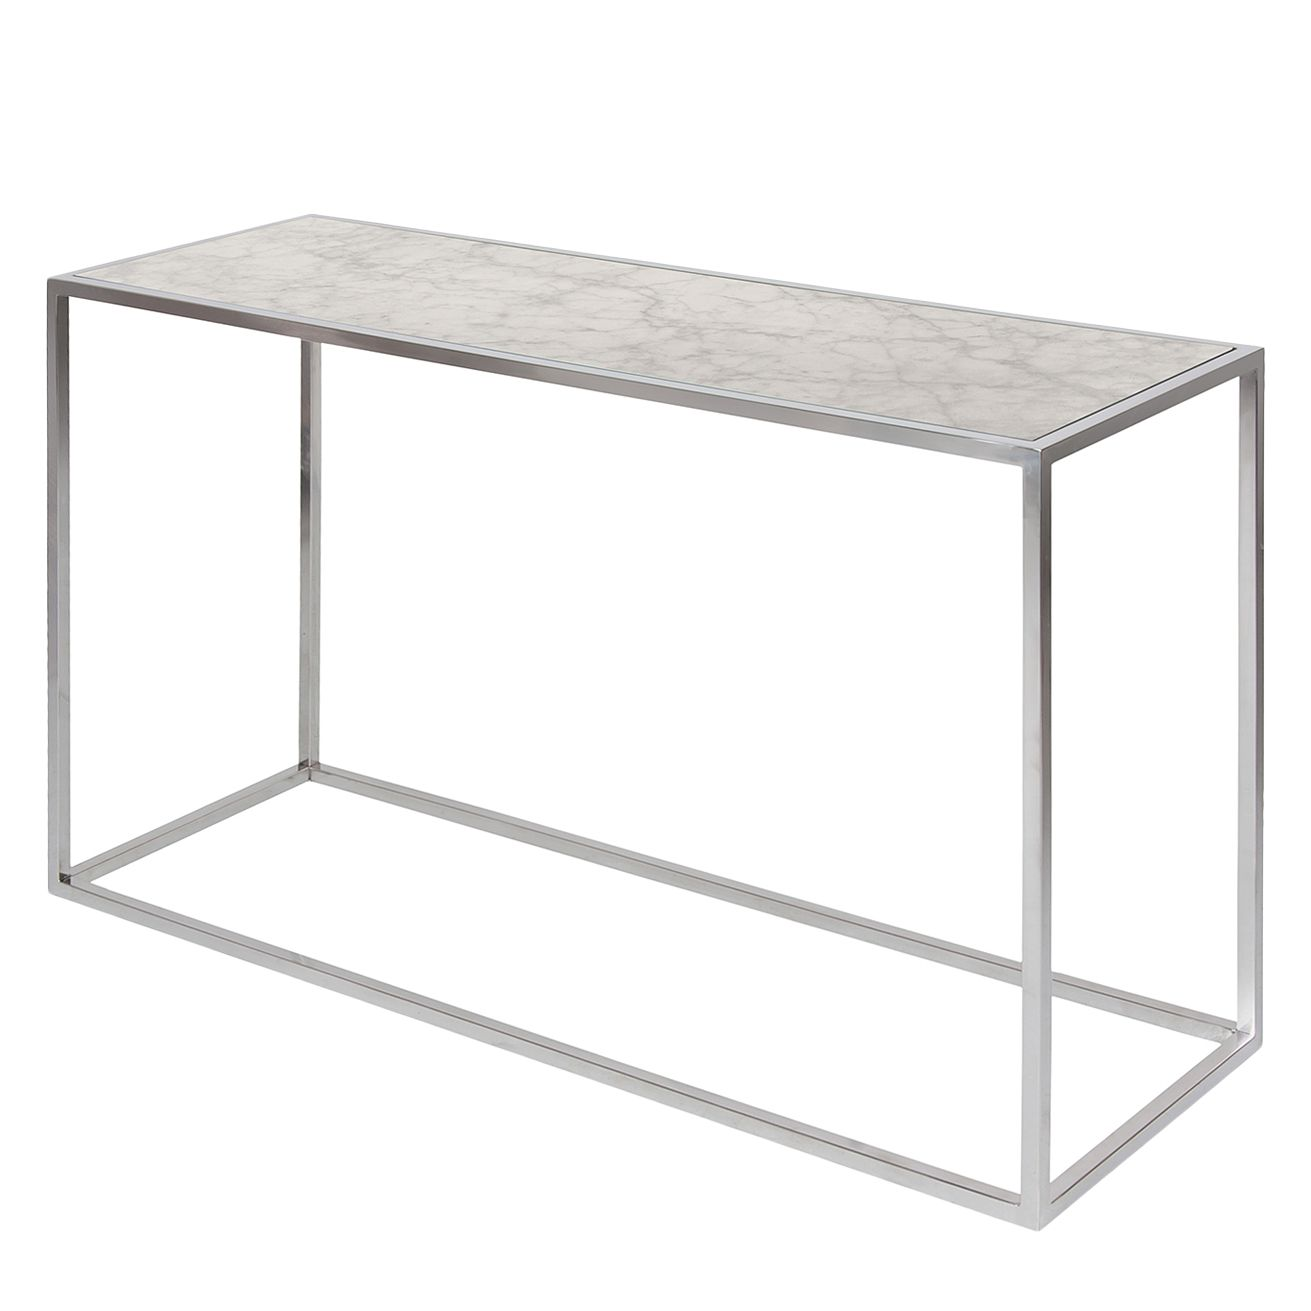 Konsolentisch Jacob - Marmor / Edelstahl - Weiß / Silber